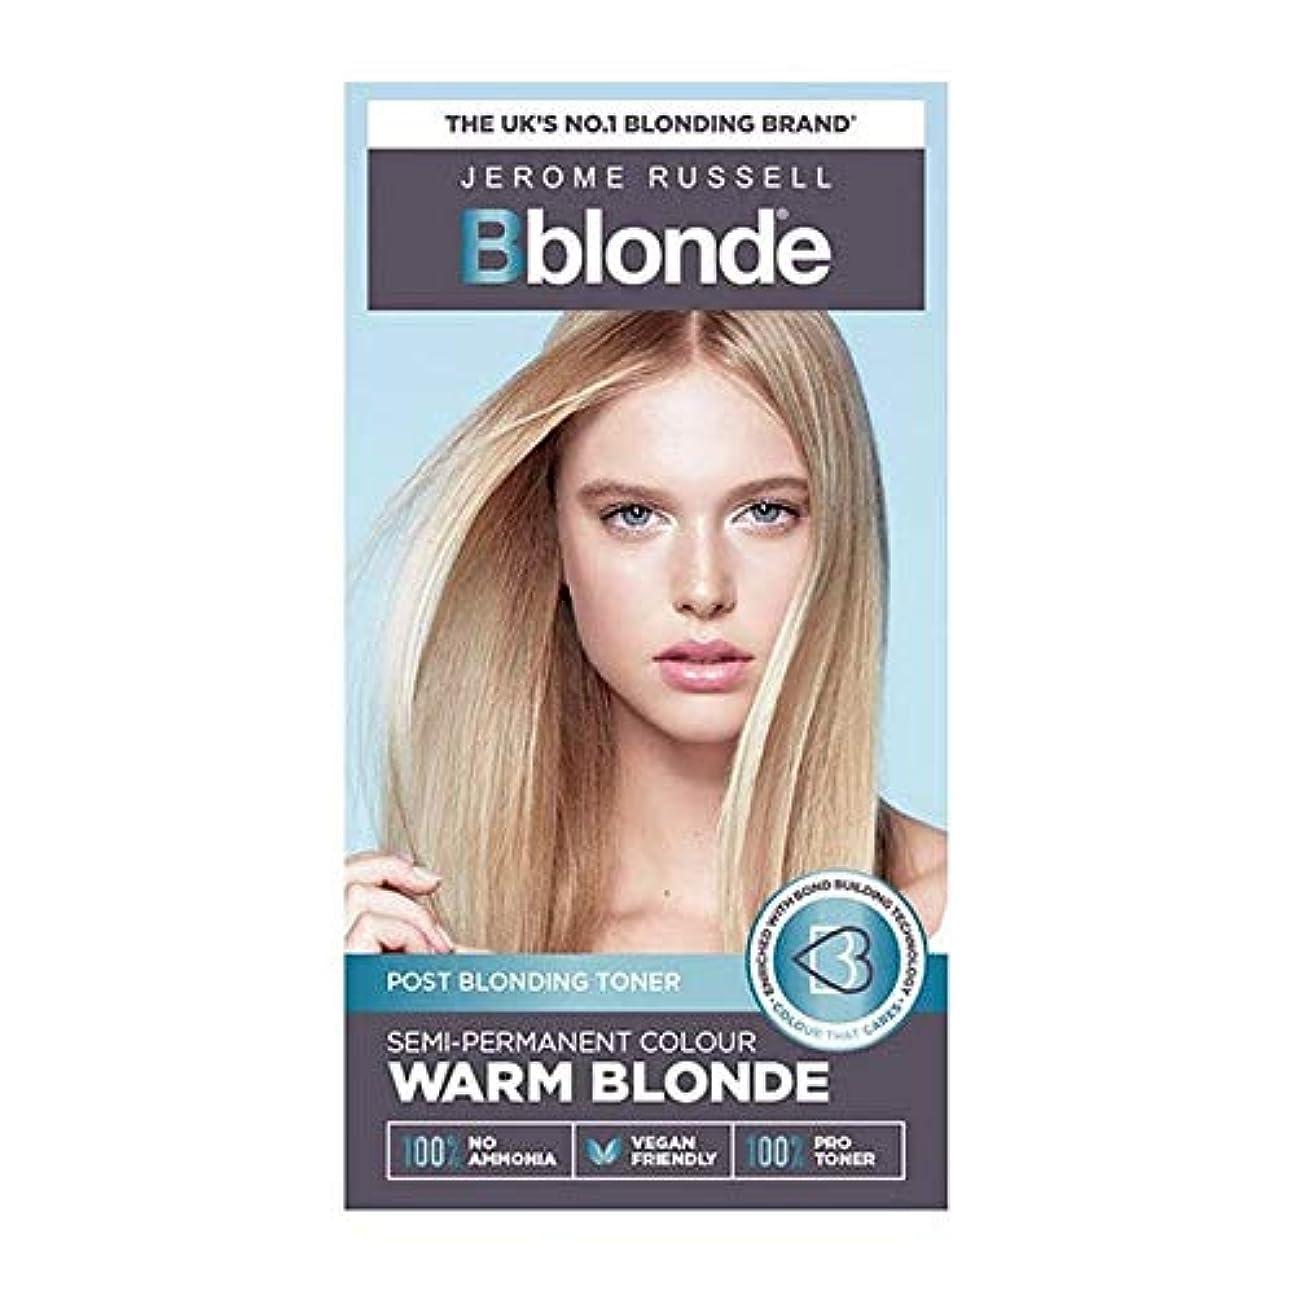 カウントアップ鰐略す[Jerome Russell ] ジェロームラッセルBblonde半恒久的なトナー暖かいブロンド - Jerome Russell Bblonde Semi Permanent Toner Warm Blonde [並行輸入品]